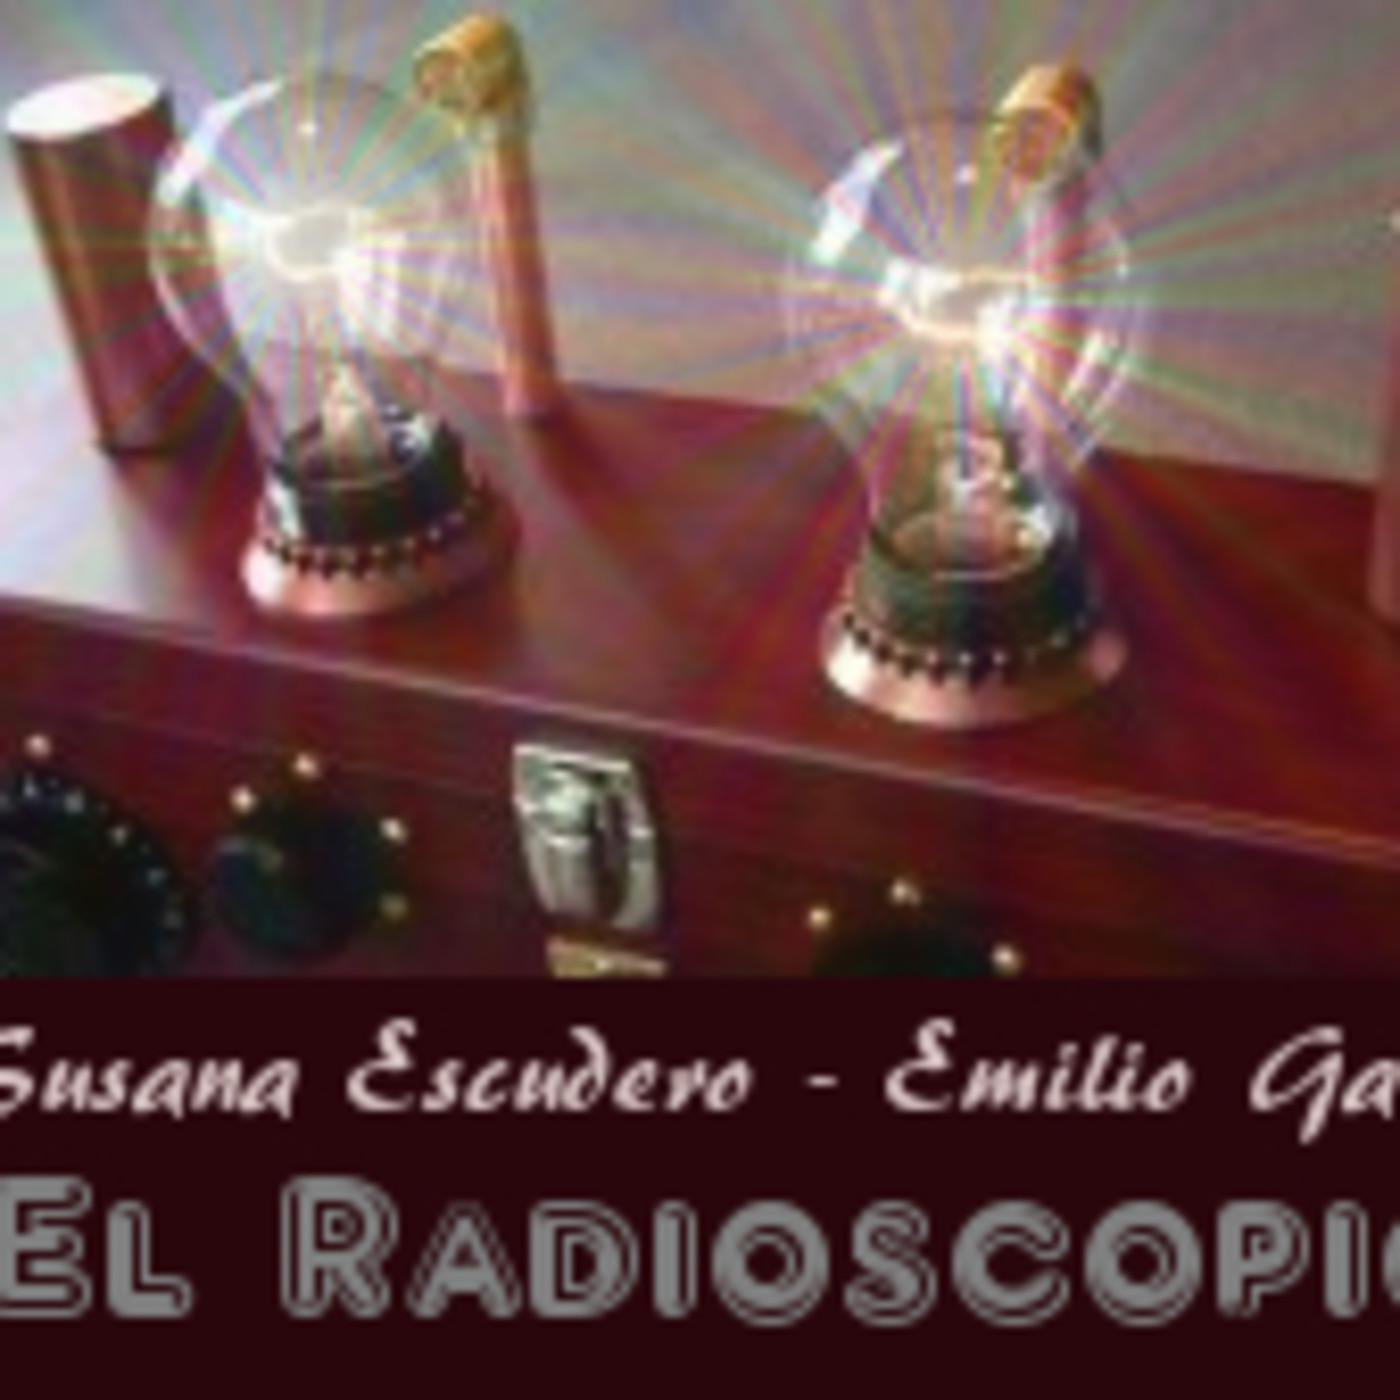 El Radioscopio Nº 210. Dentro de Sagitario A estrella (Nobel Fisica 2020)